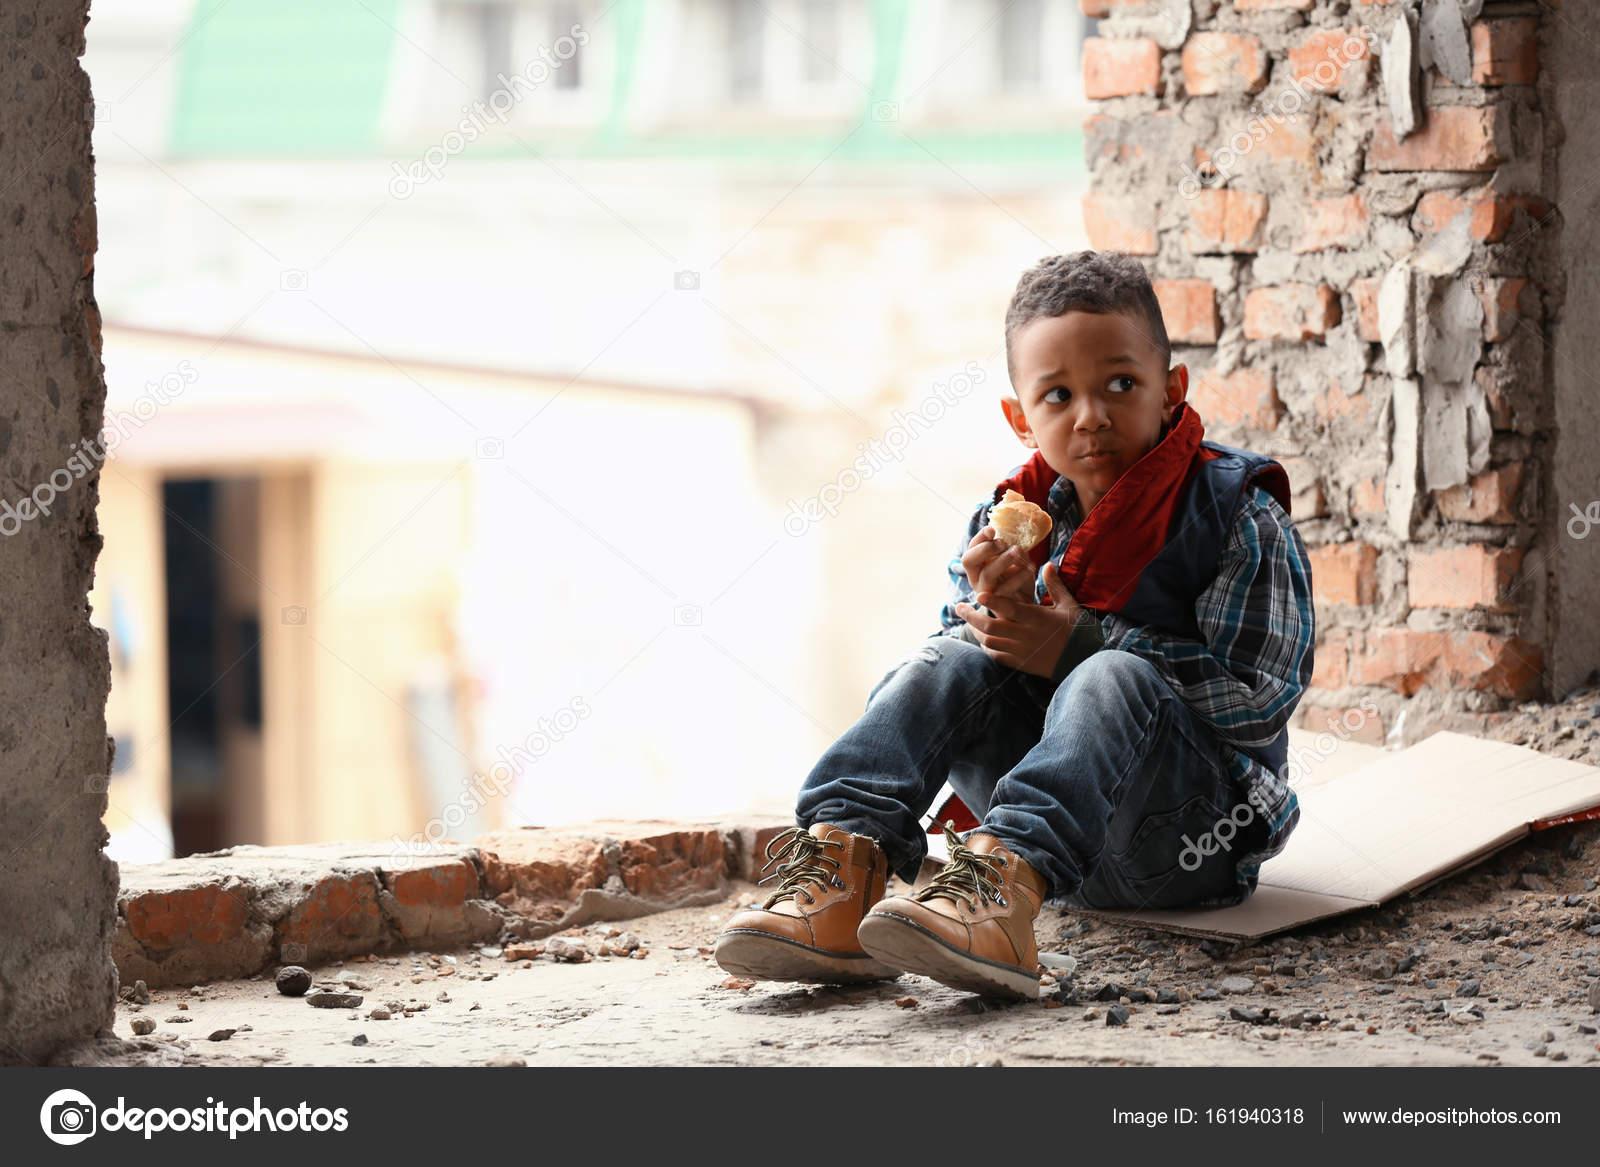 Lindo ni o peque o sentado en el piso con un pedazo de pan for Vivir en un piso pequeno con ninos